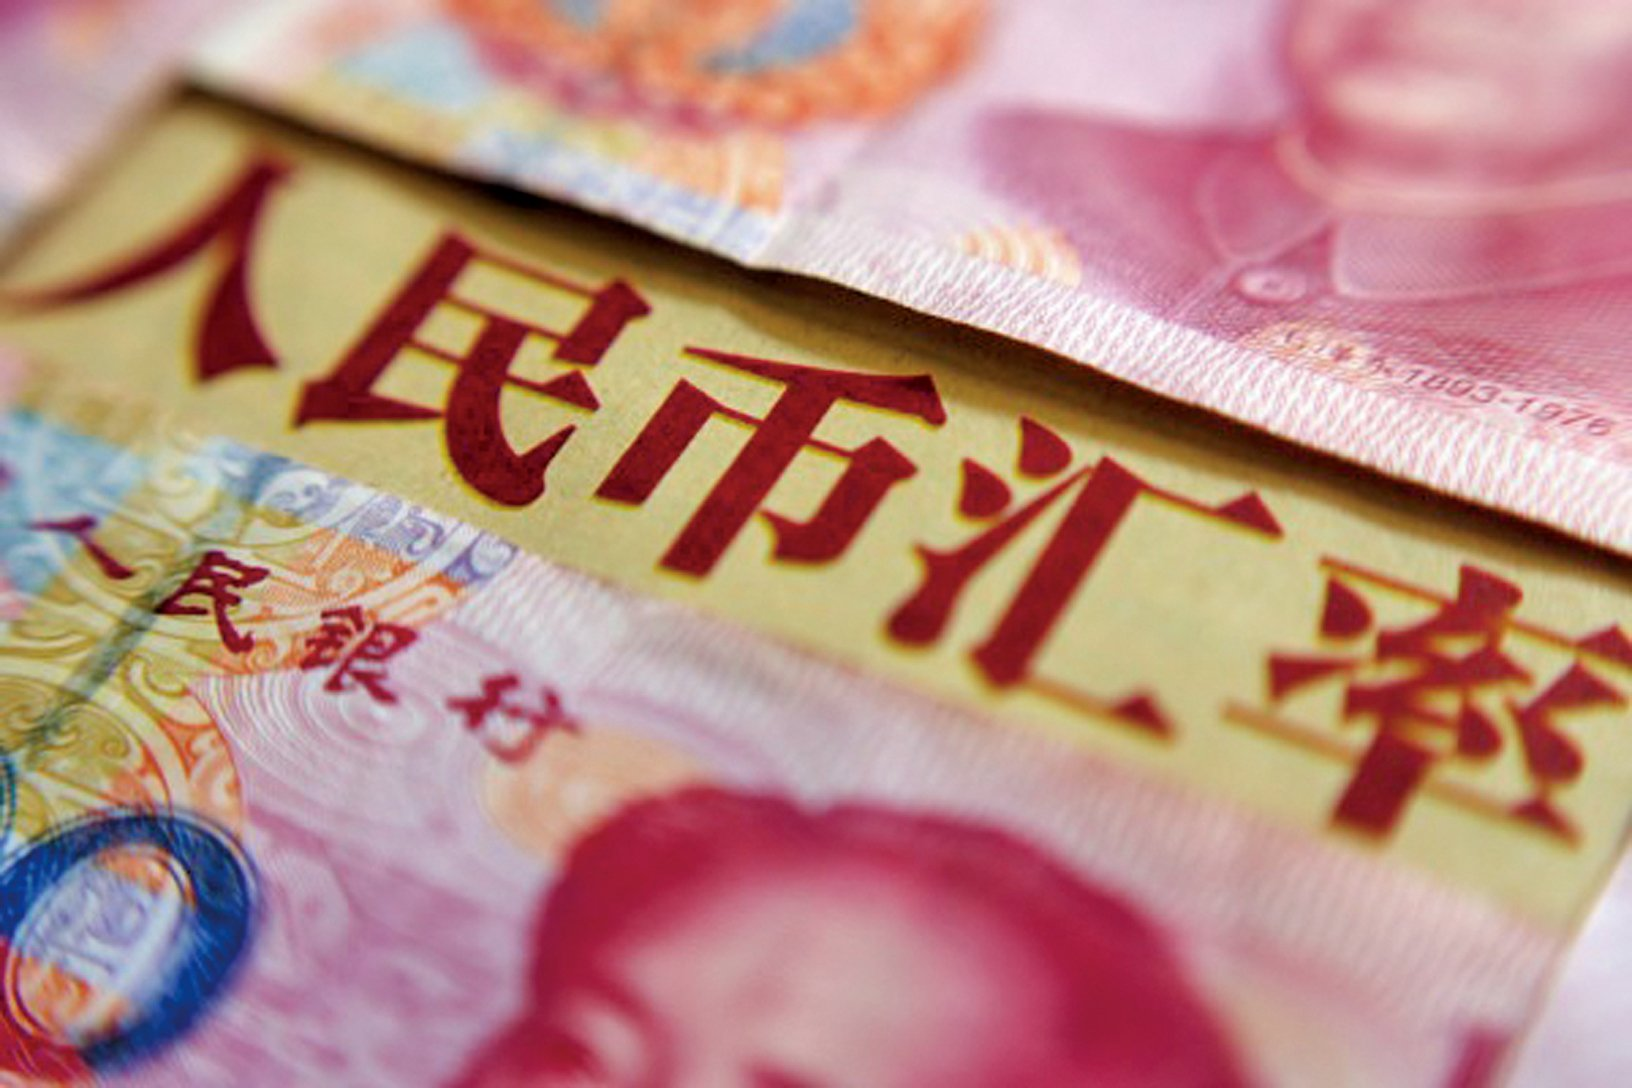 大陸媒體報道稱,中共央行允許人民幣貶值,但不願失守6.7。(大紀元資料室)